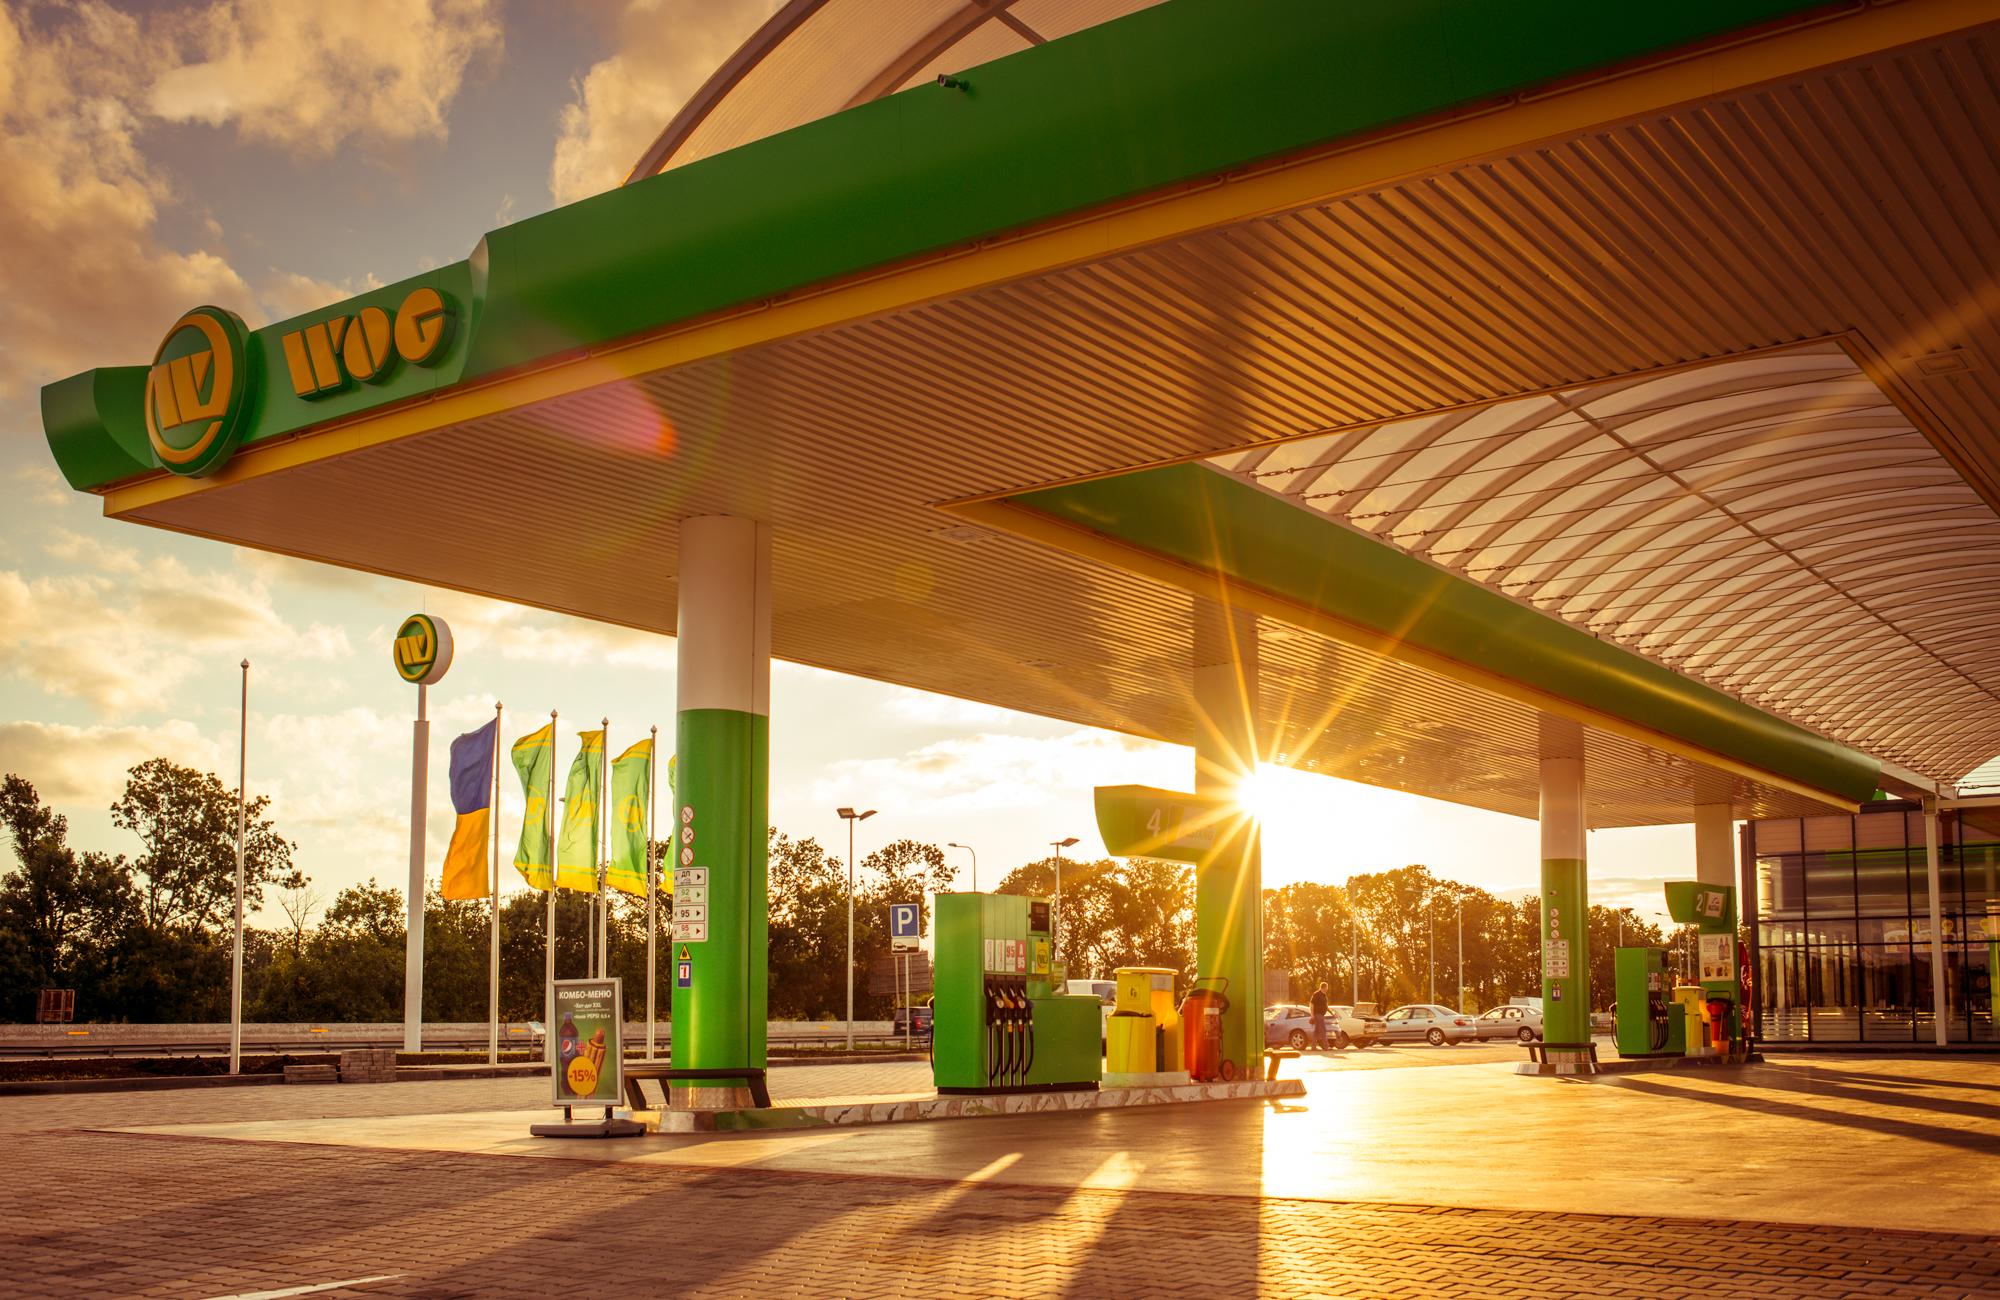 WOG за год увеличит количество зарядок для электромобилей в 30 раз (обновлено)